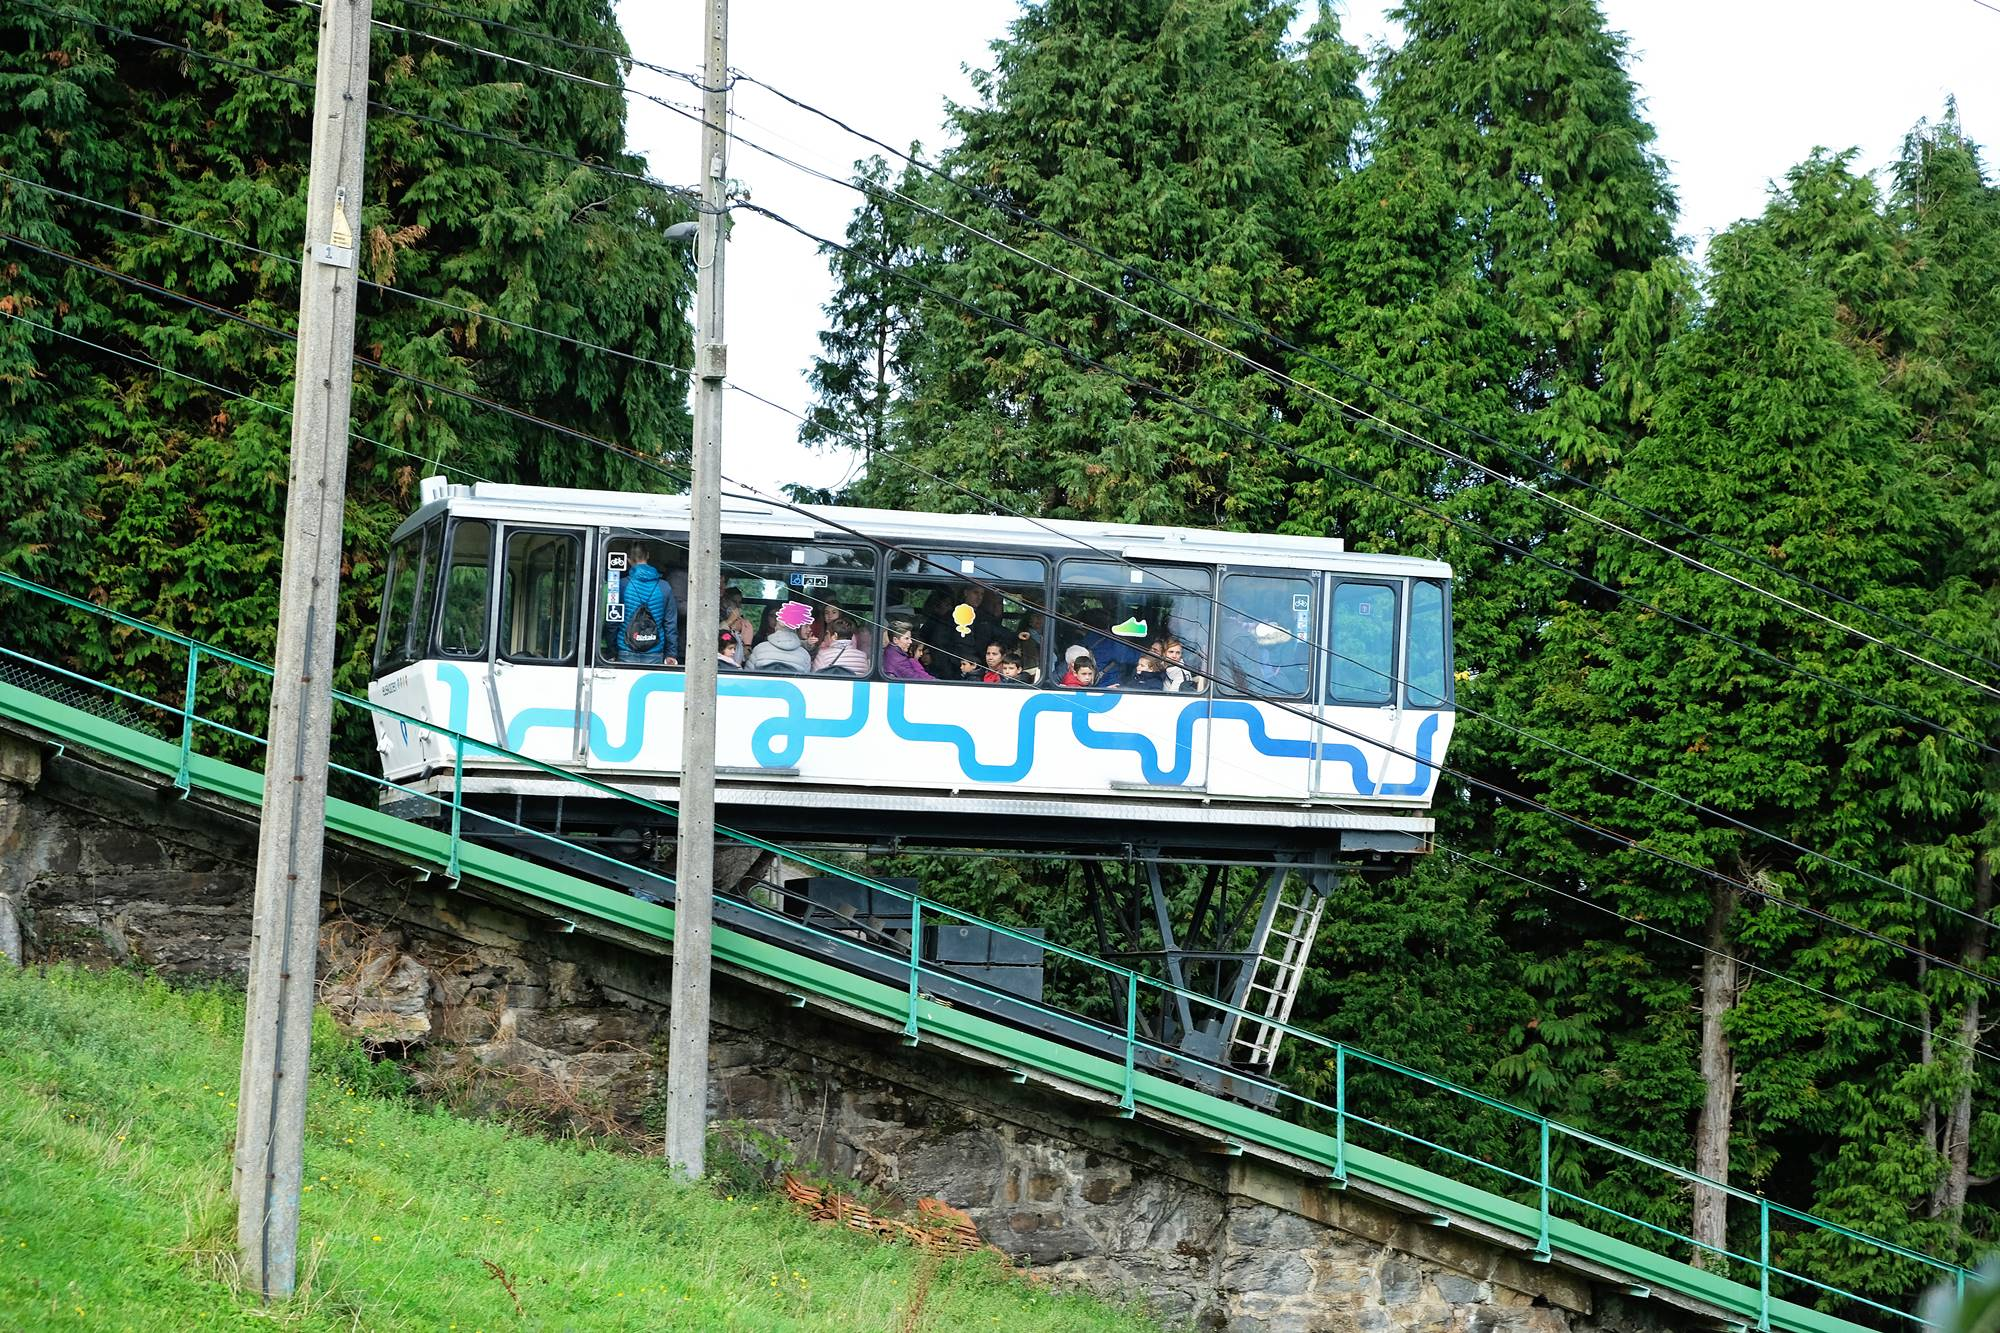 El funicular, una opción muy auténtica para terminar la visita.